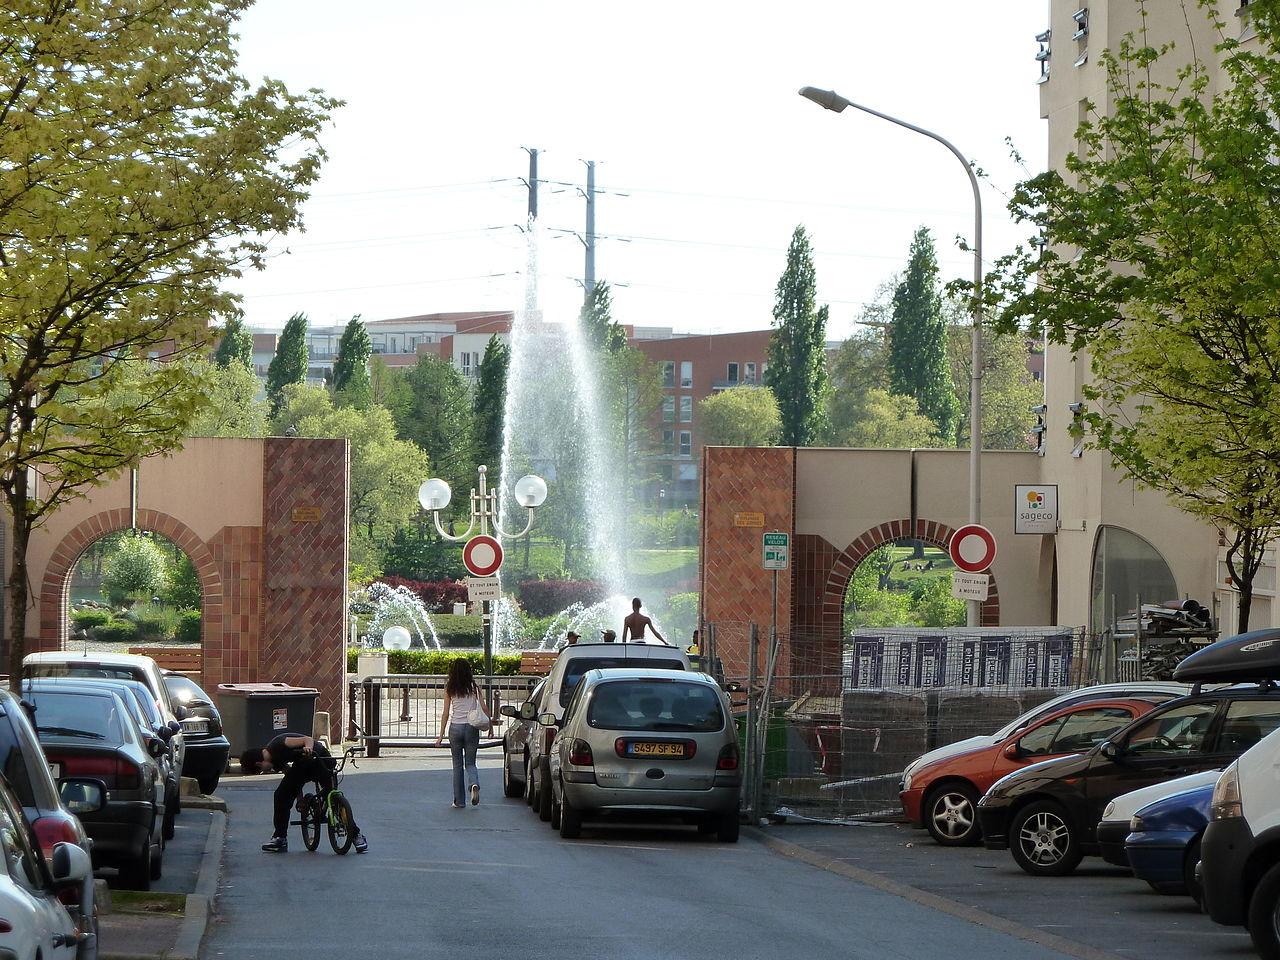 1280px-Créteil_Rue_de_Kiryat-Yam_jet_d'eau